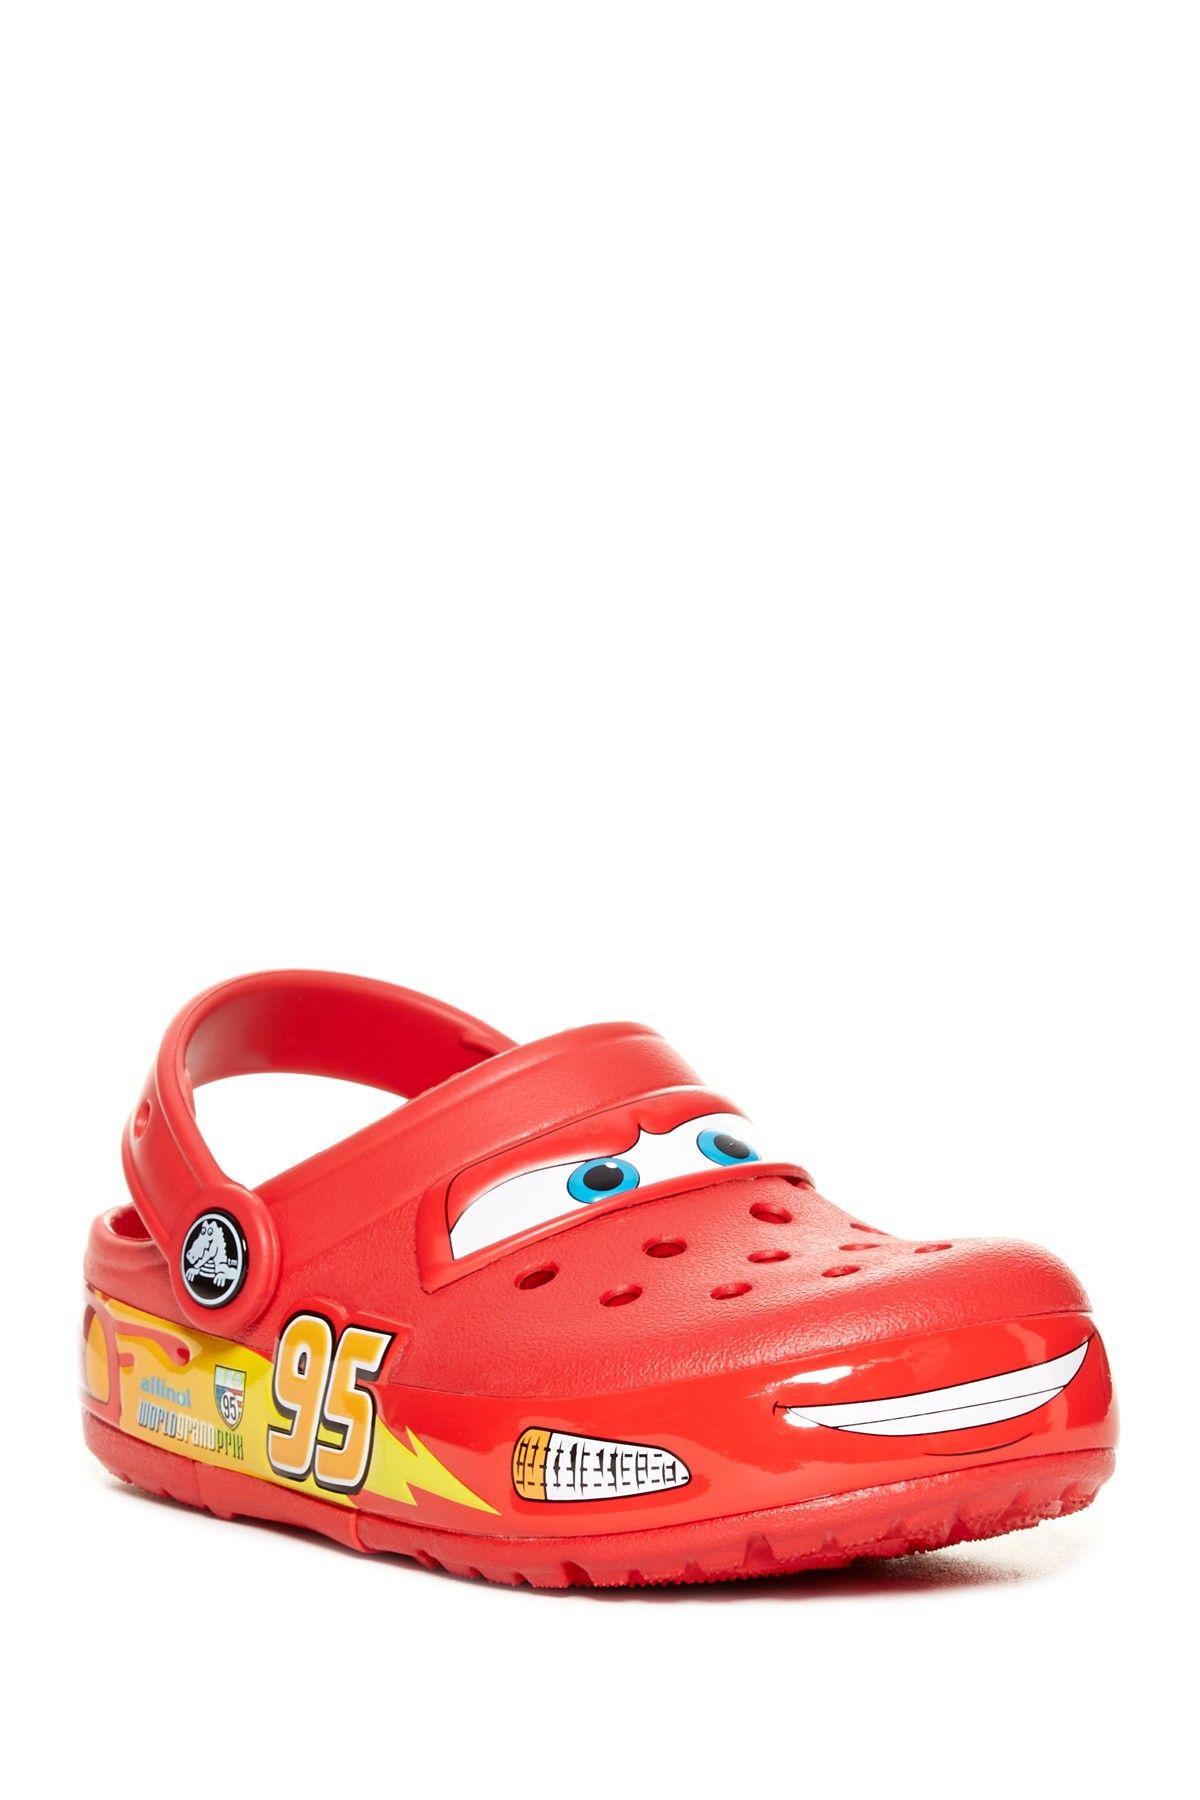 Crocs | Lights Lightning McQueen Cars